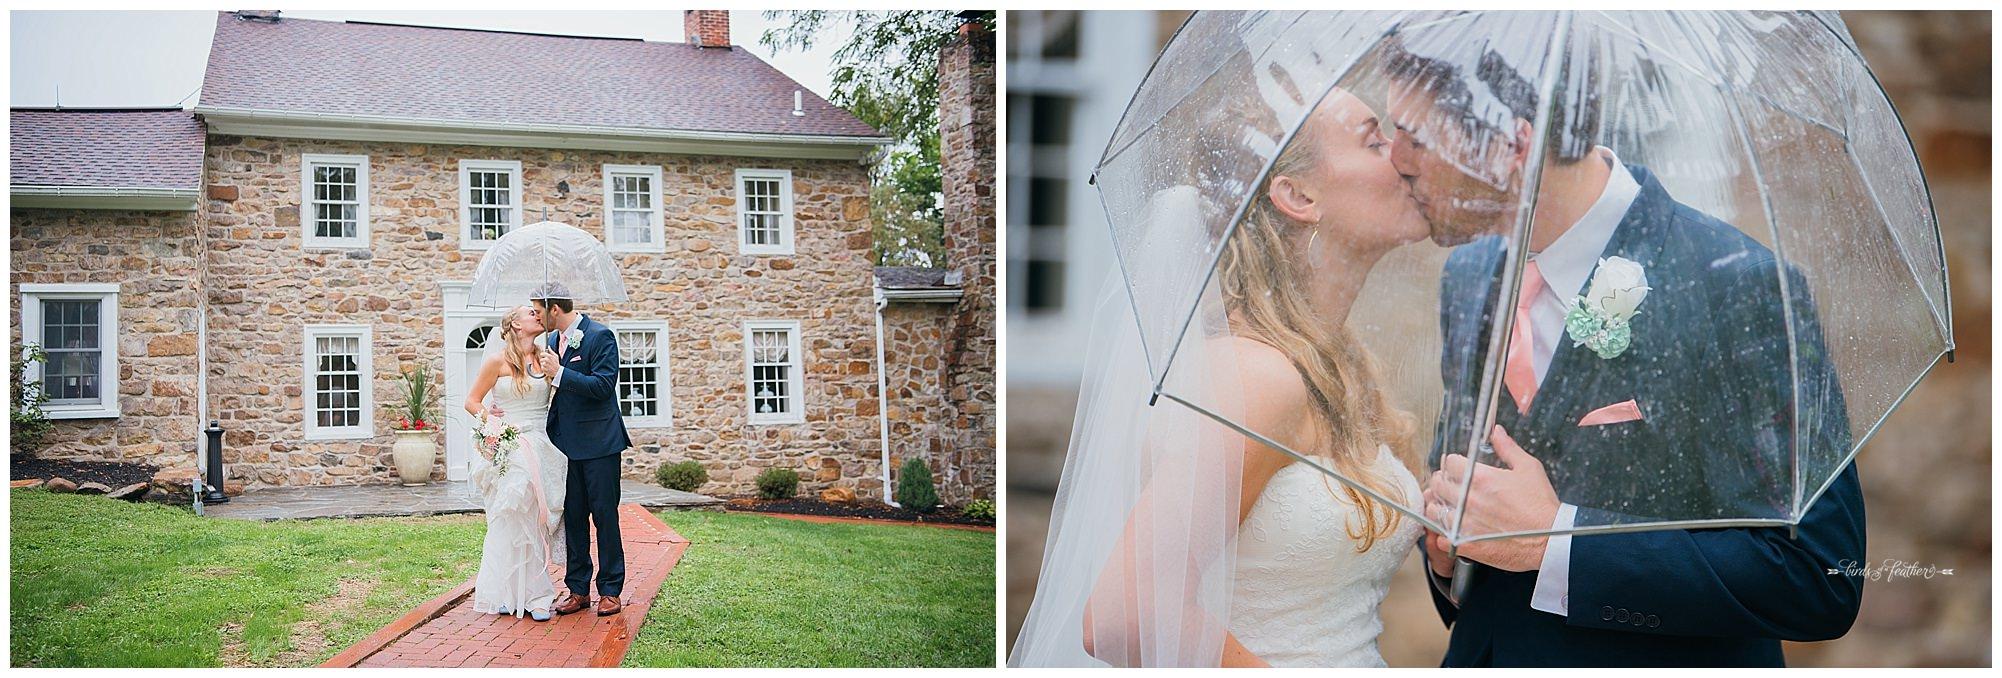 Birds of a Feather Photography Bally Spring Inn Wedding Photographer 21